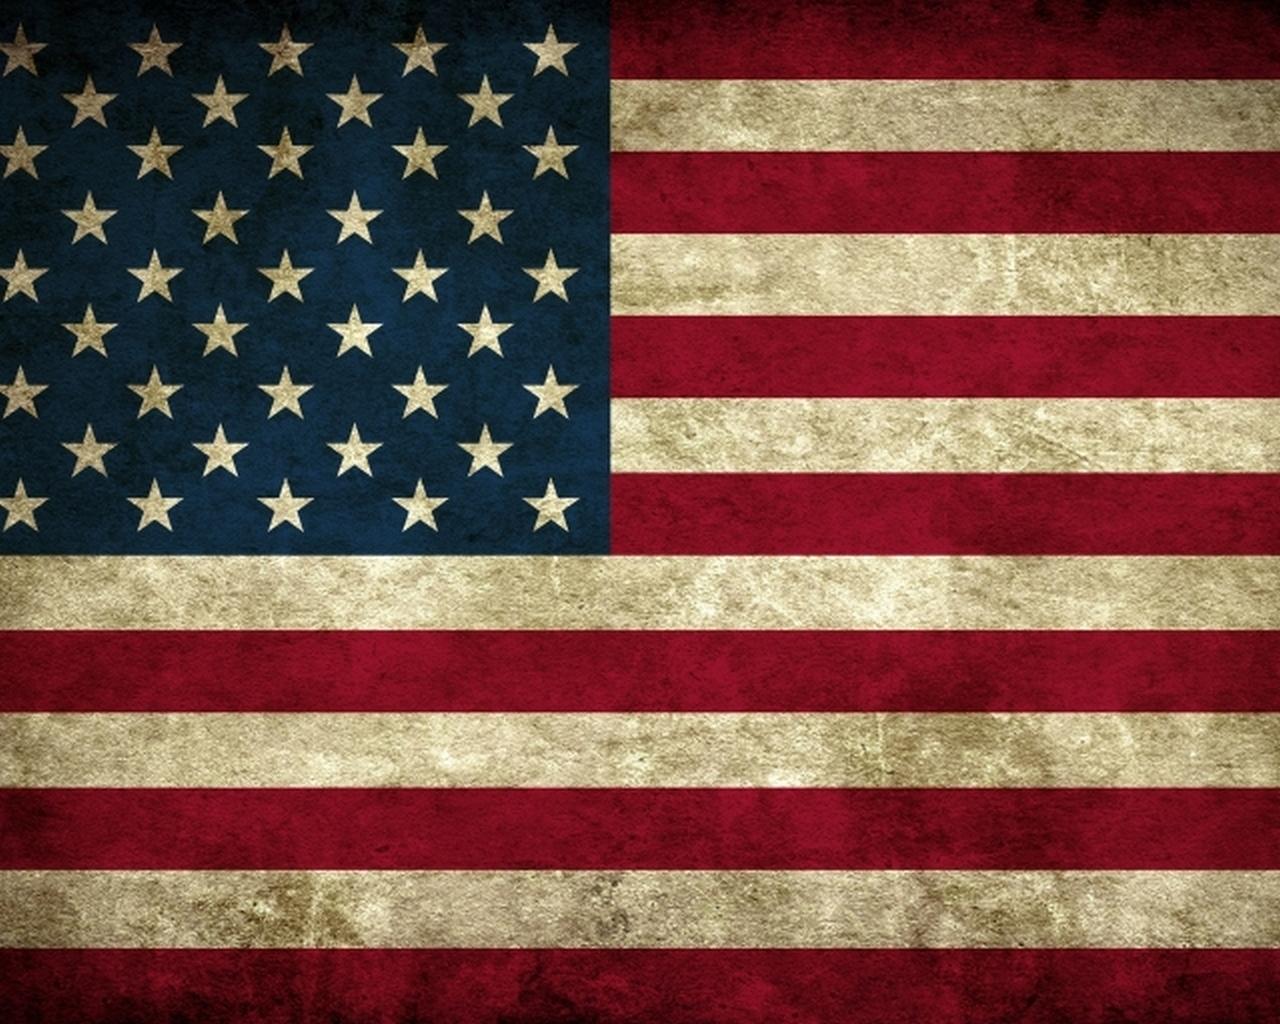 Противостояние в США: ультраправые призывают приравнять антифашистов к террористам